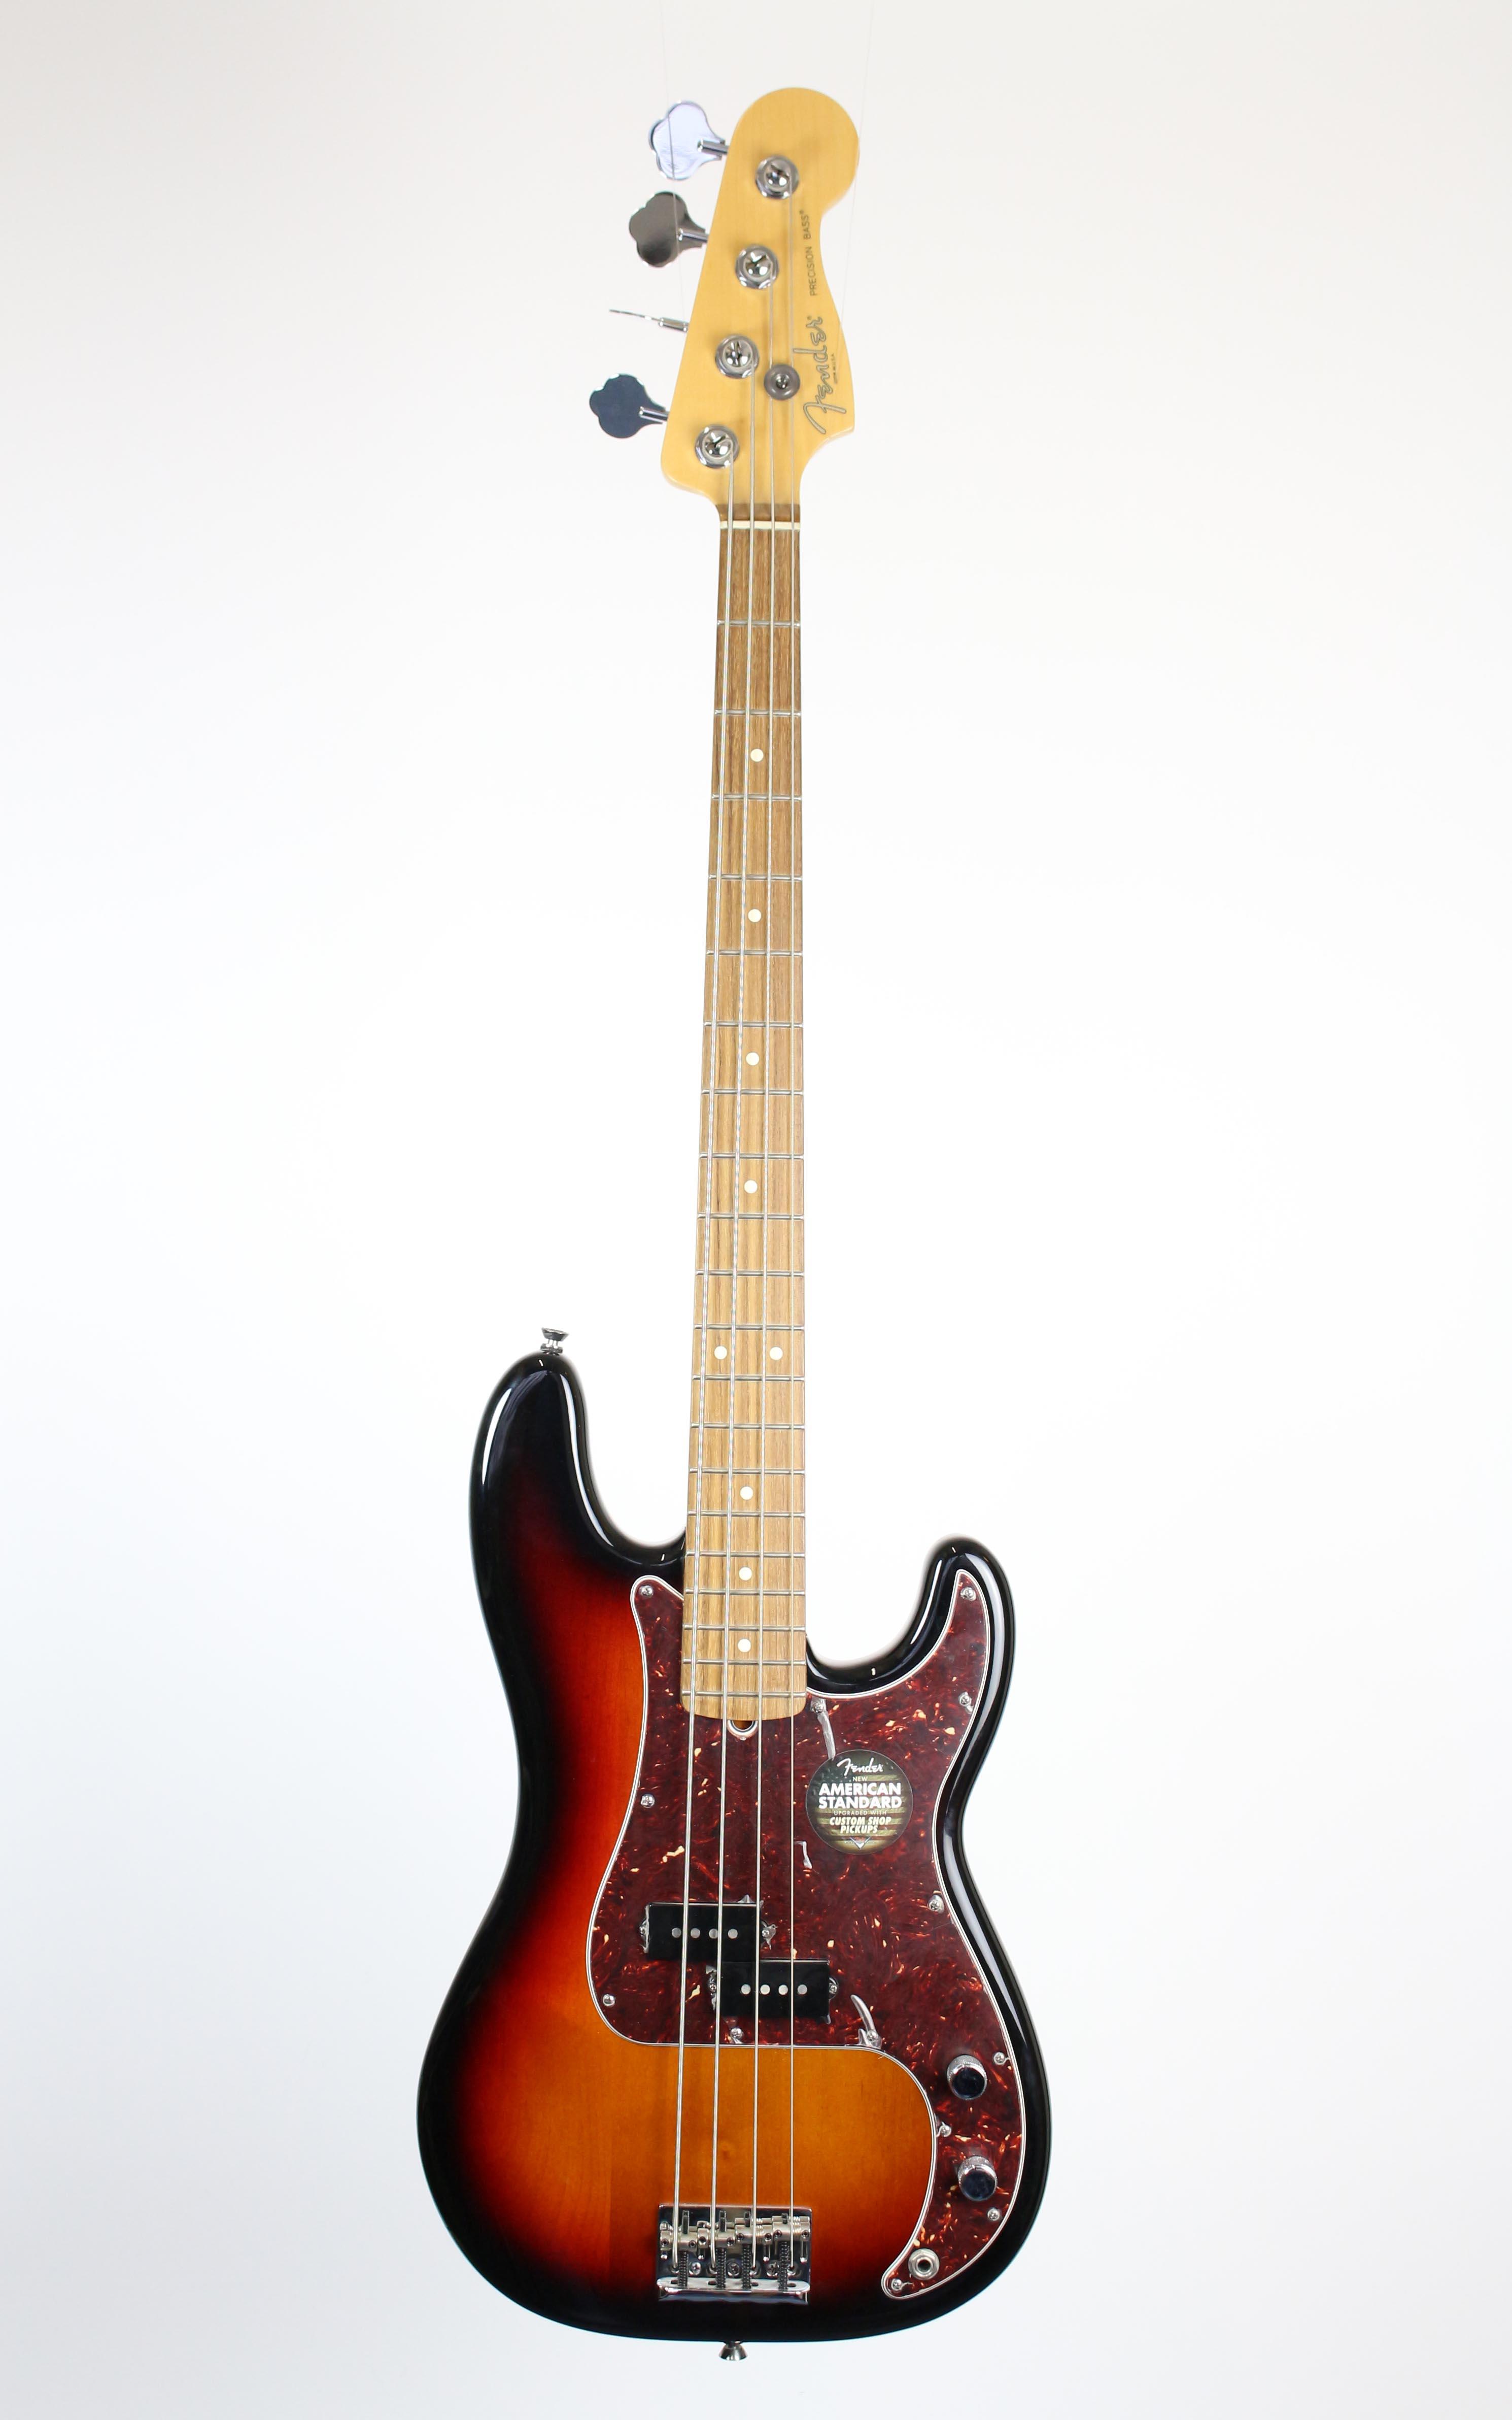 Fender - American Standard P-Bass RW 3-TS - Gitarren - E-Bass | MUSIK BERTRAM Deutschland Freiburg